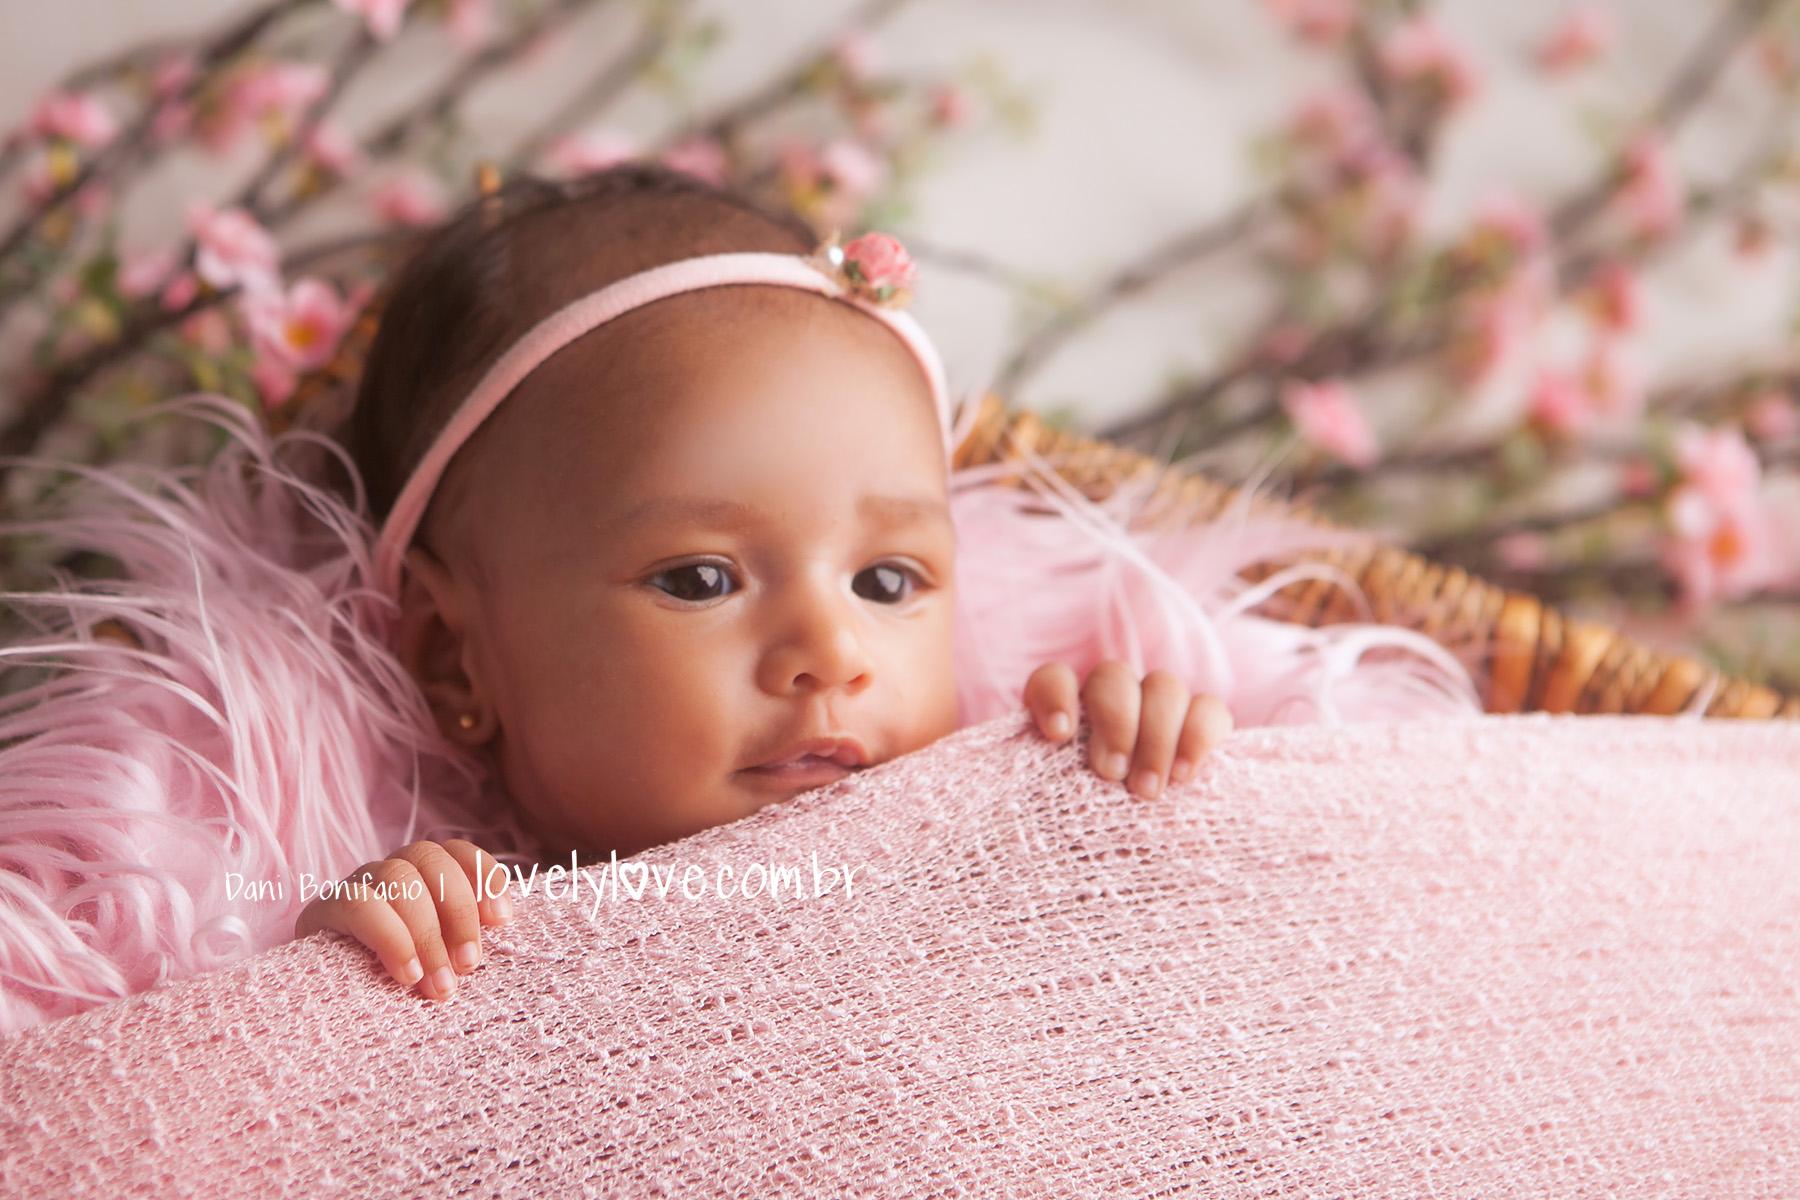 danibonifacio-lovelylove-acompanhamentobebe-fotografa-gravida-gestante-newborn3